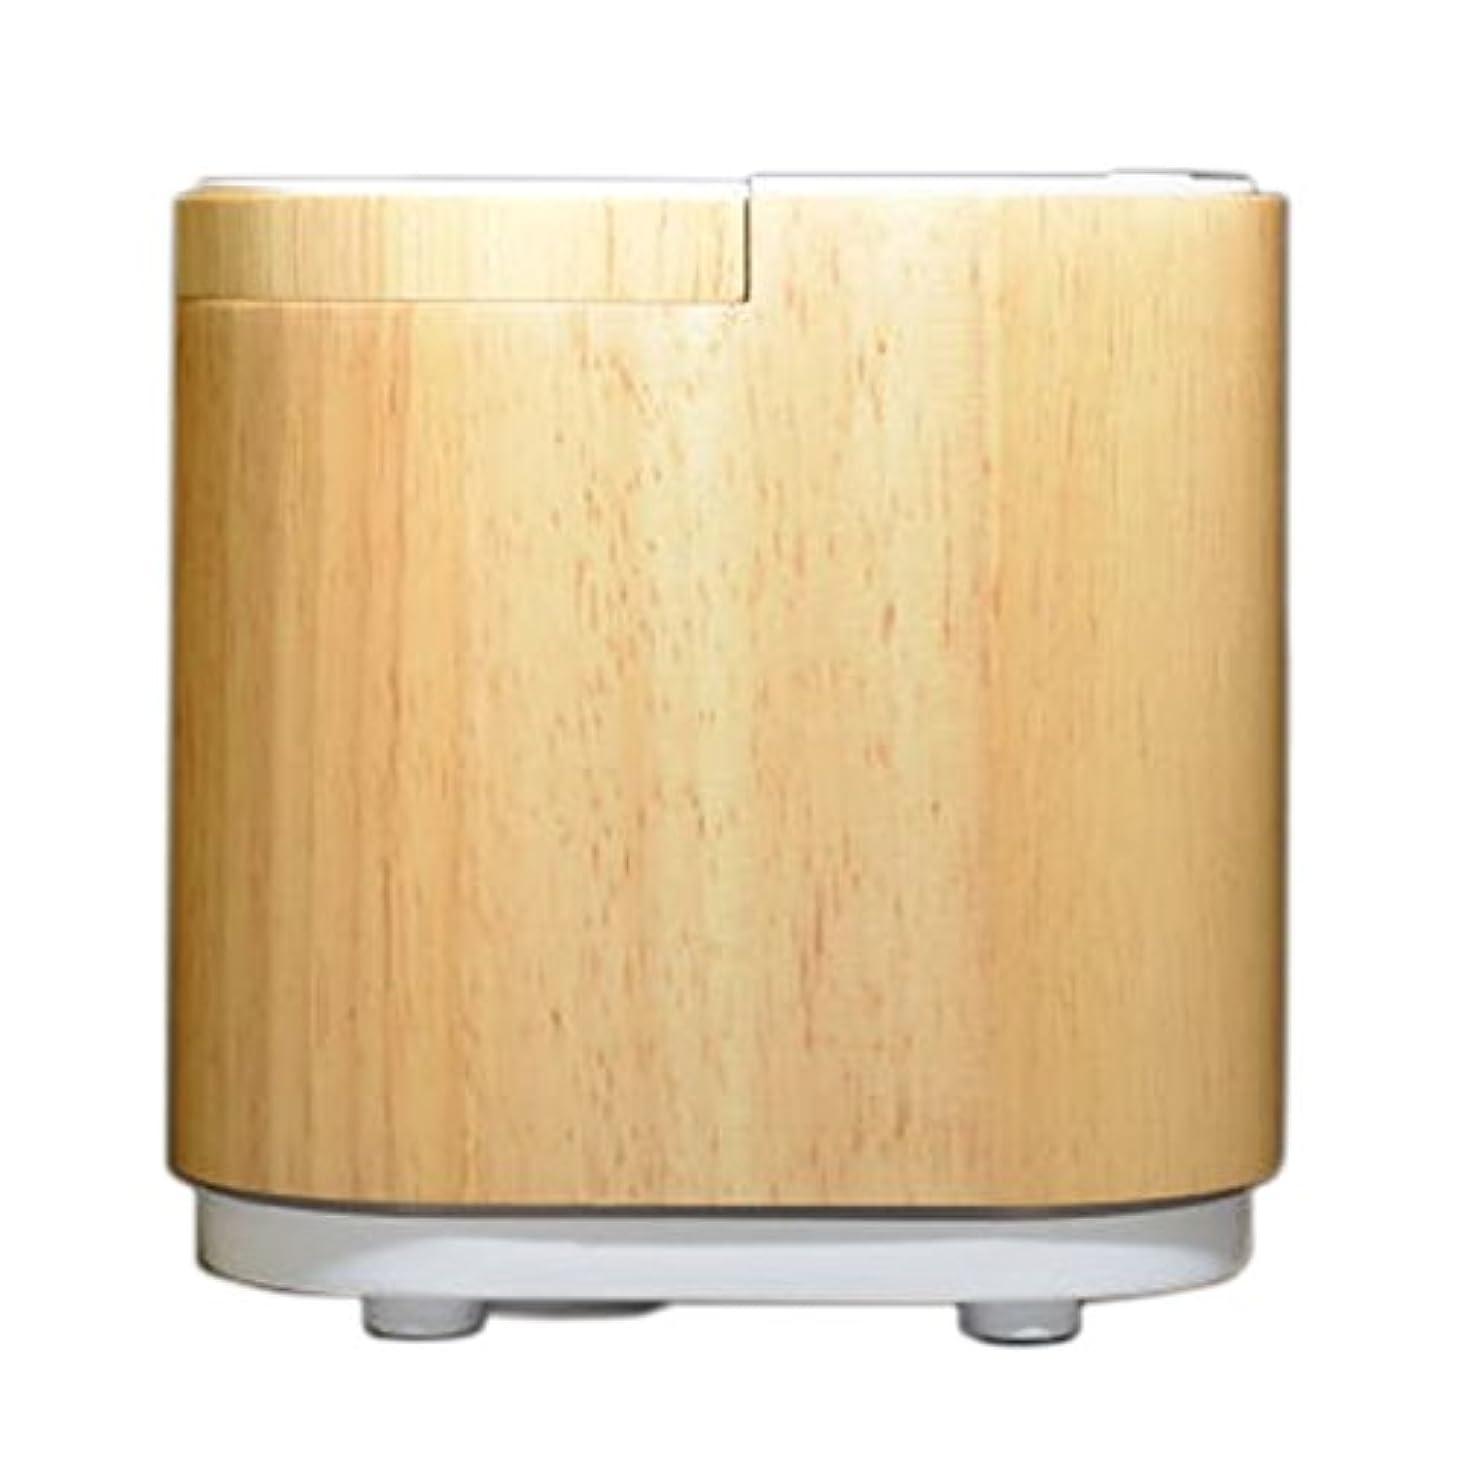 同化グリップ学部生活の木 アロモアウッド [aromore] エッセンシャルオイルディフューザー アロマディフューザー